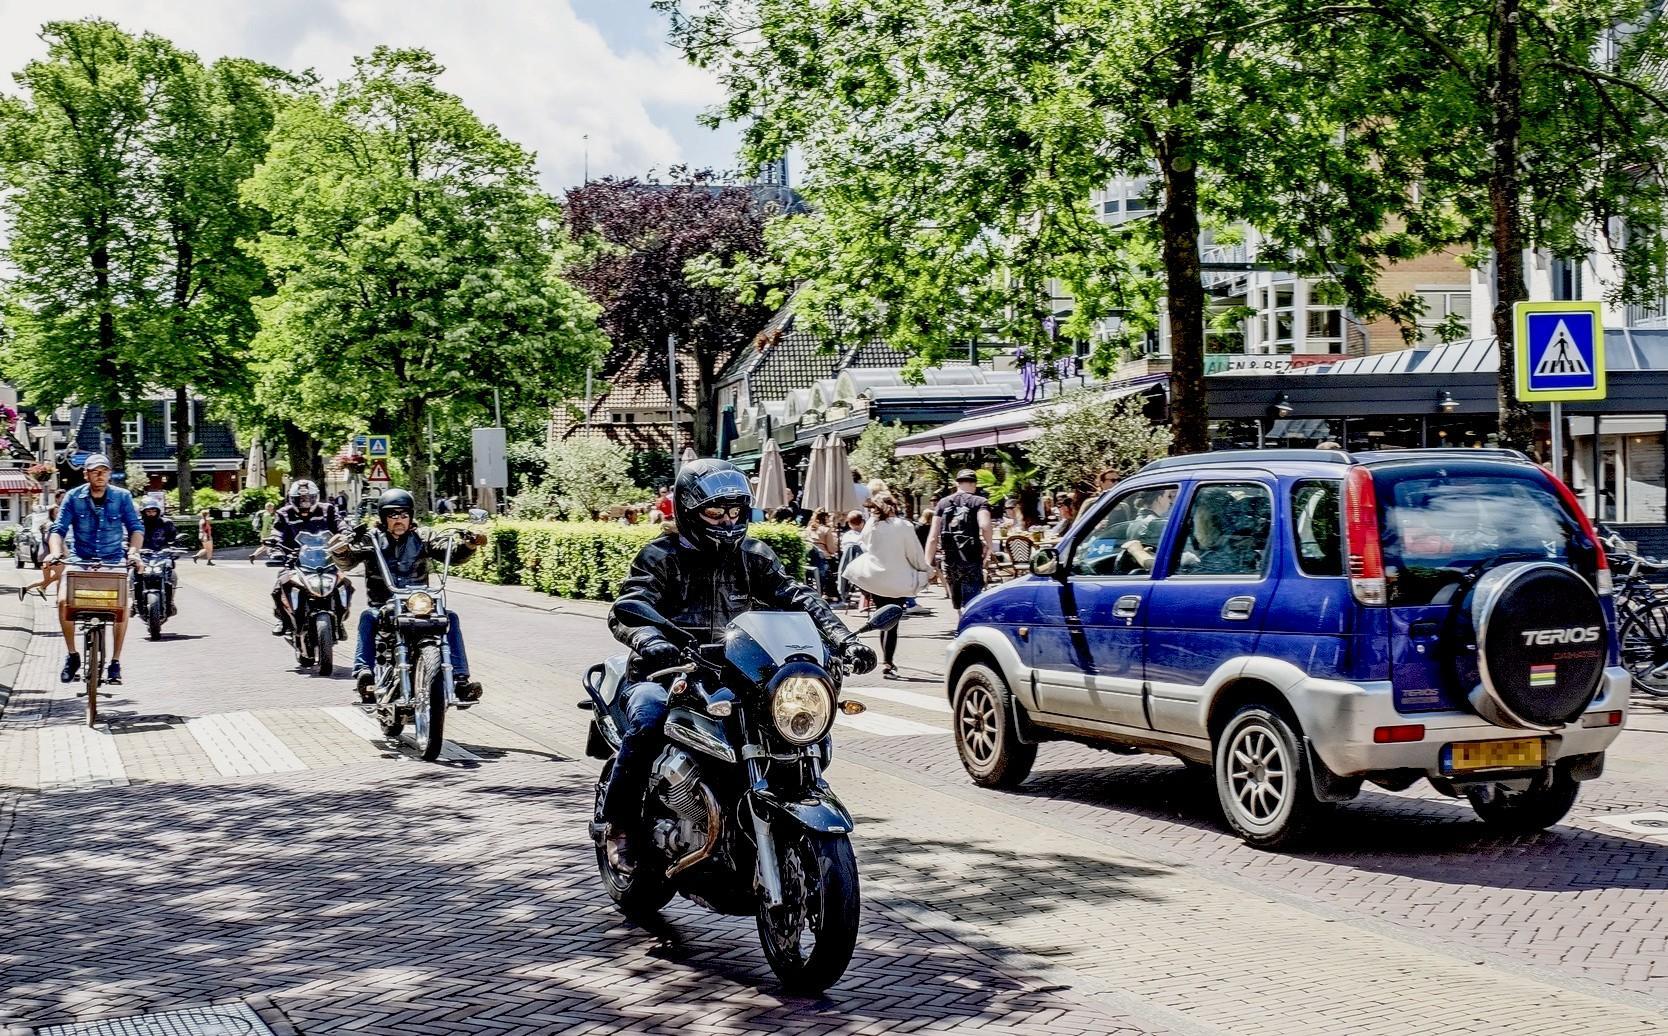 Knallende uitlaten en brullende motoren: de gemeente Bergen is het zat en neemt landelijk het voortouw in de bestrijding van motorherrie